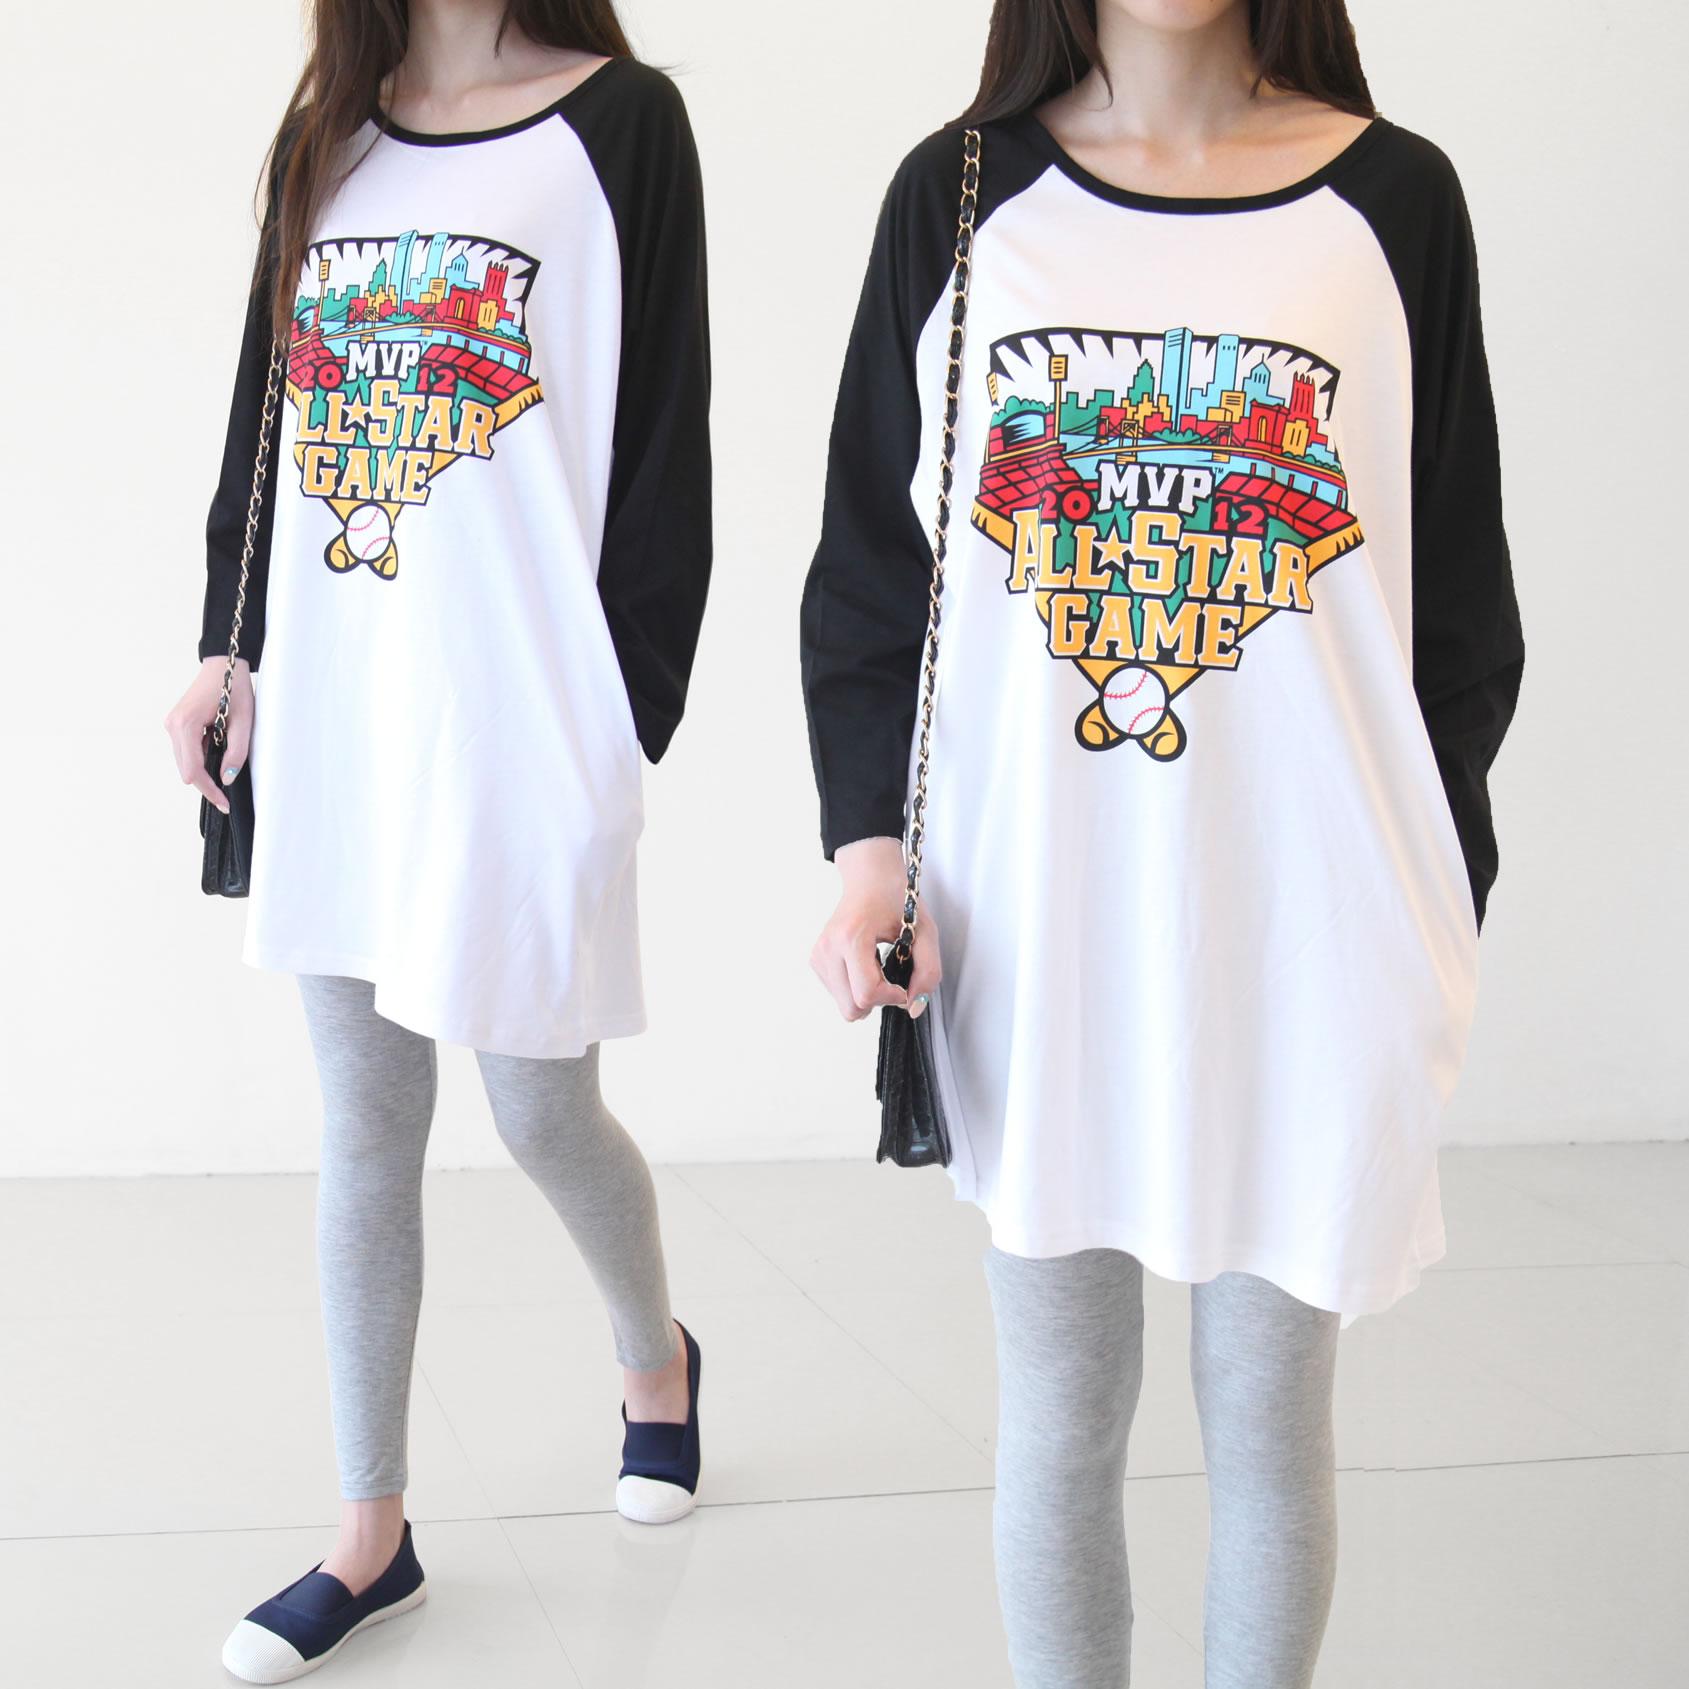 孕妇春装t恤春秋款春夏季新款韩版时尚中长款长短袖上衣宽松大码